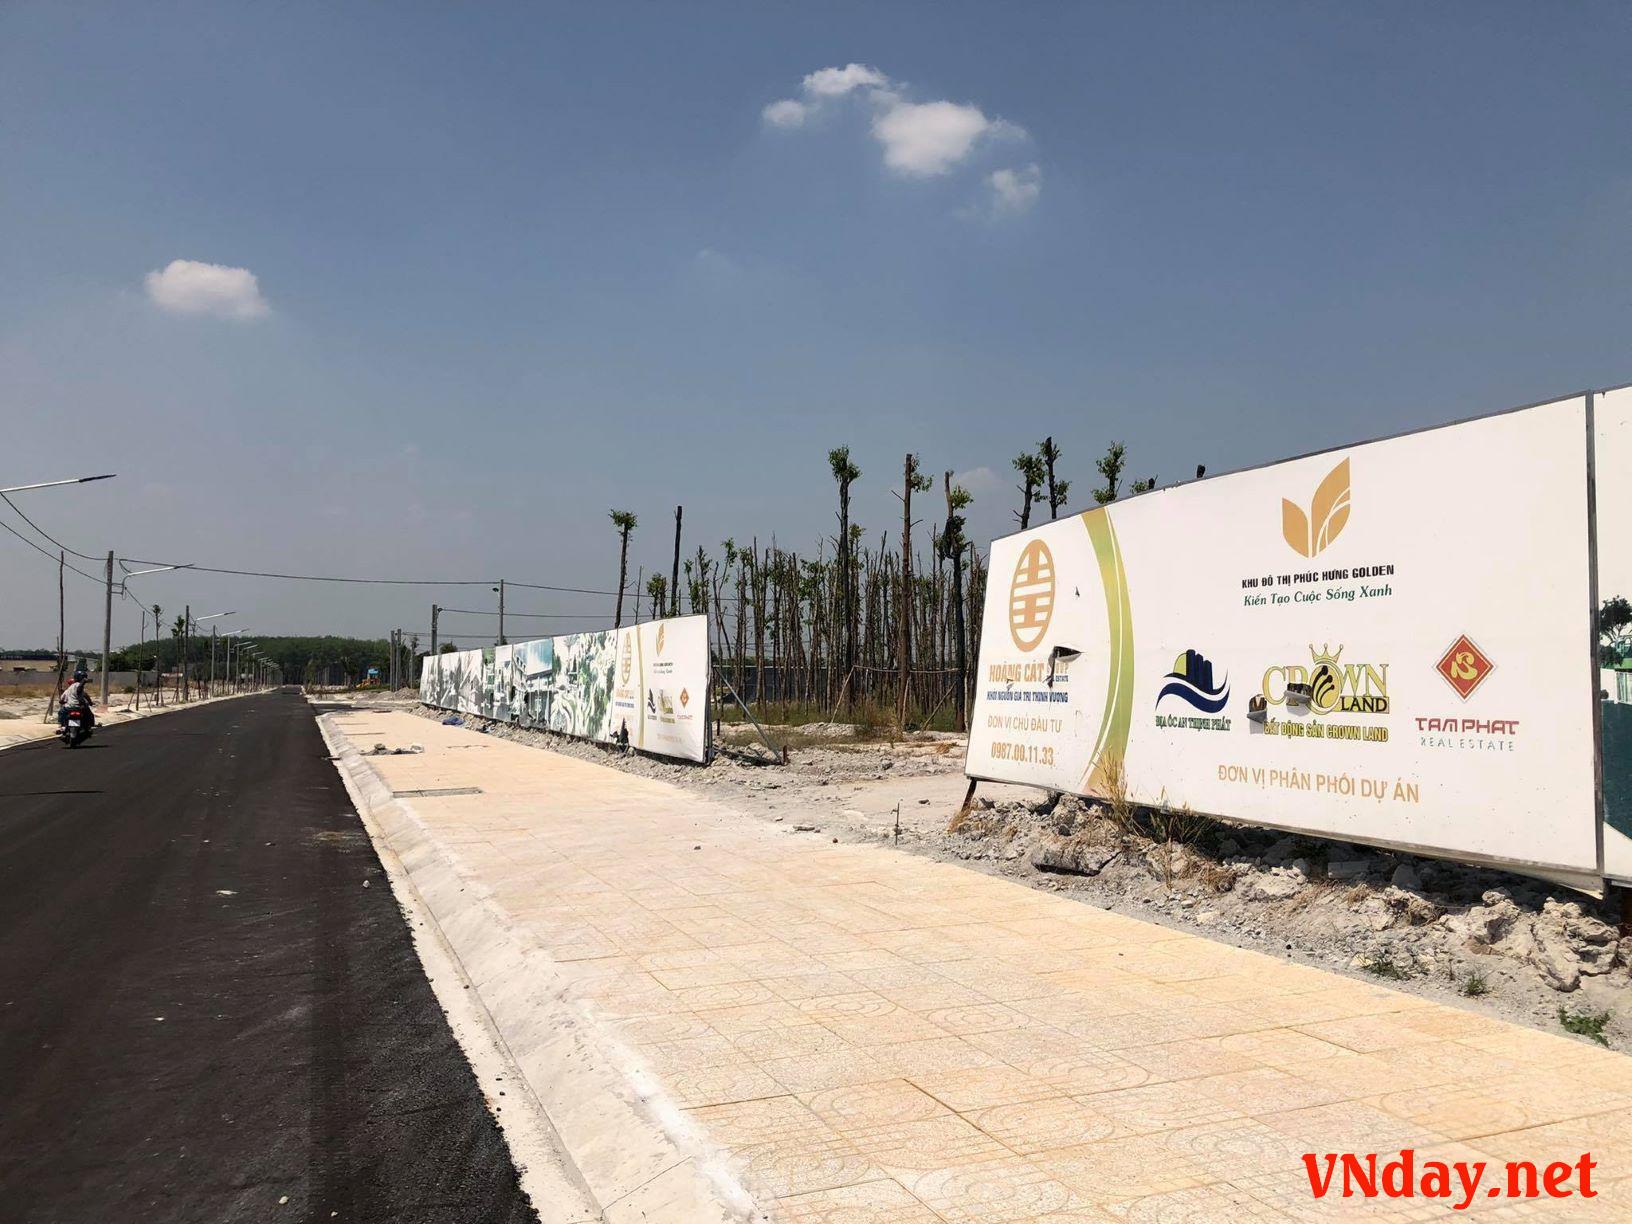 Dự án KĐT Phúc Hưng Golden do Cty Đất Xanh Bình Phước làm chủ đầu tư